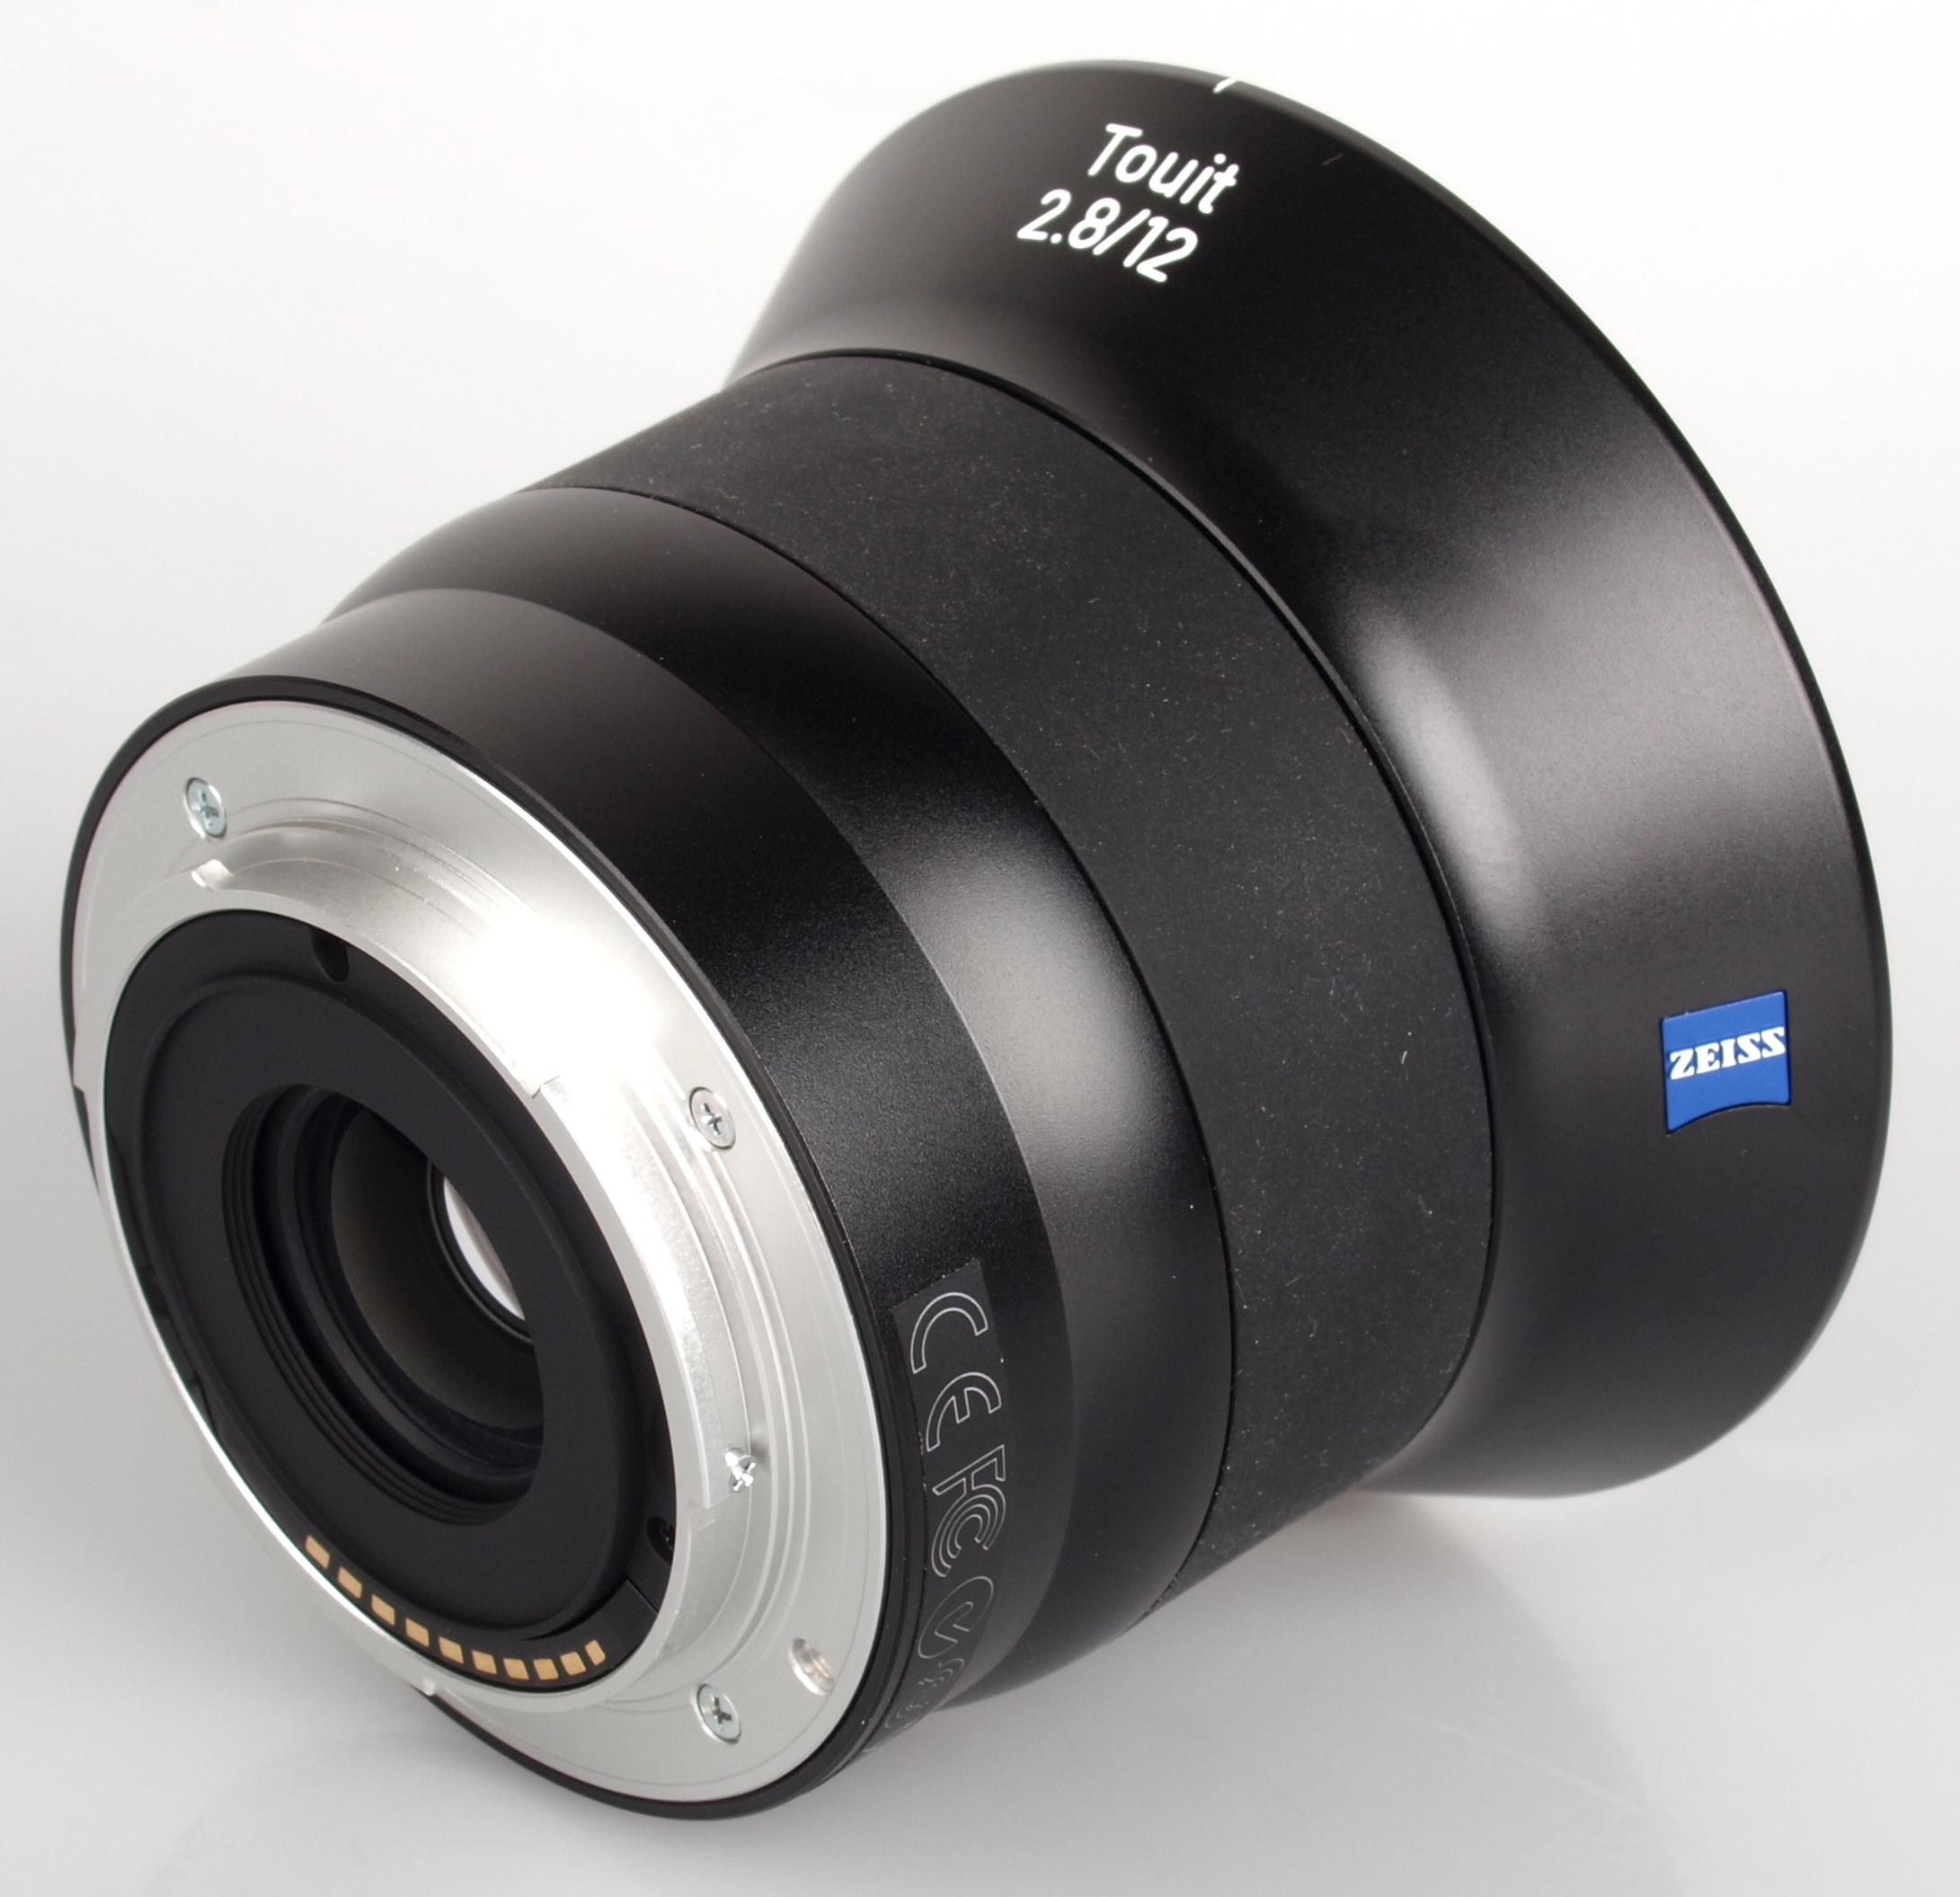 Carl Zeiss Touit Distagon T* 12mm f/2 8 Lens Review | ePHOTOzine